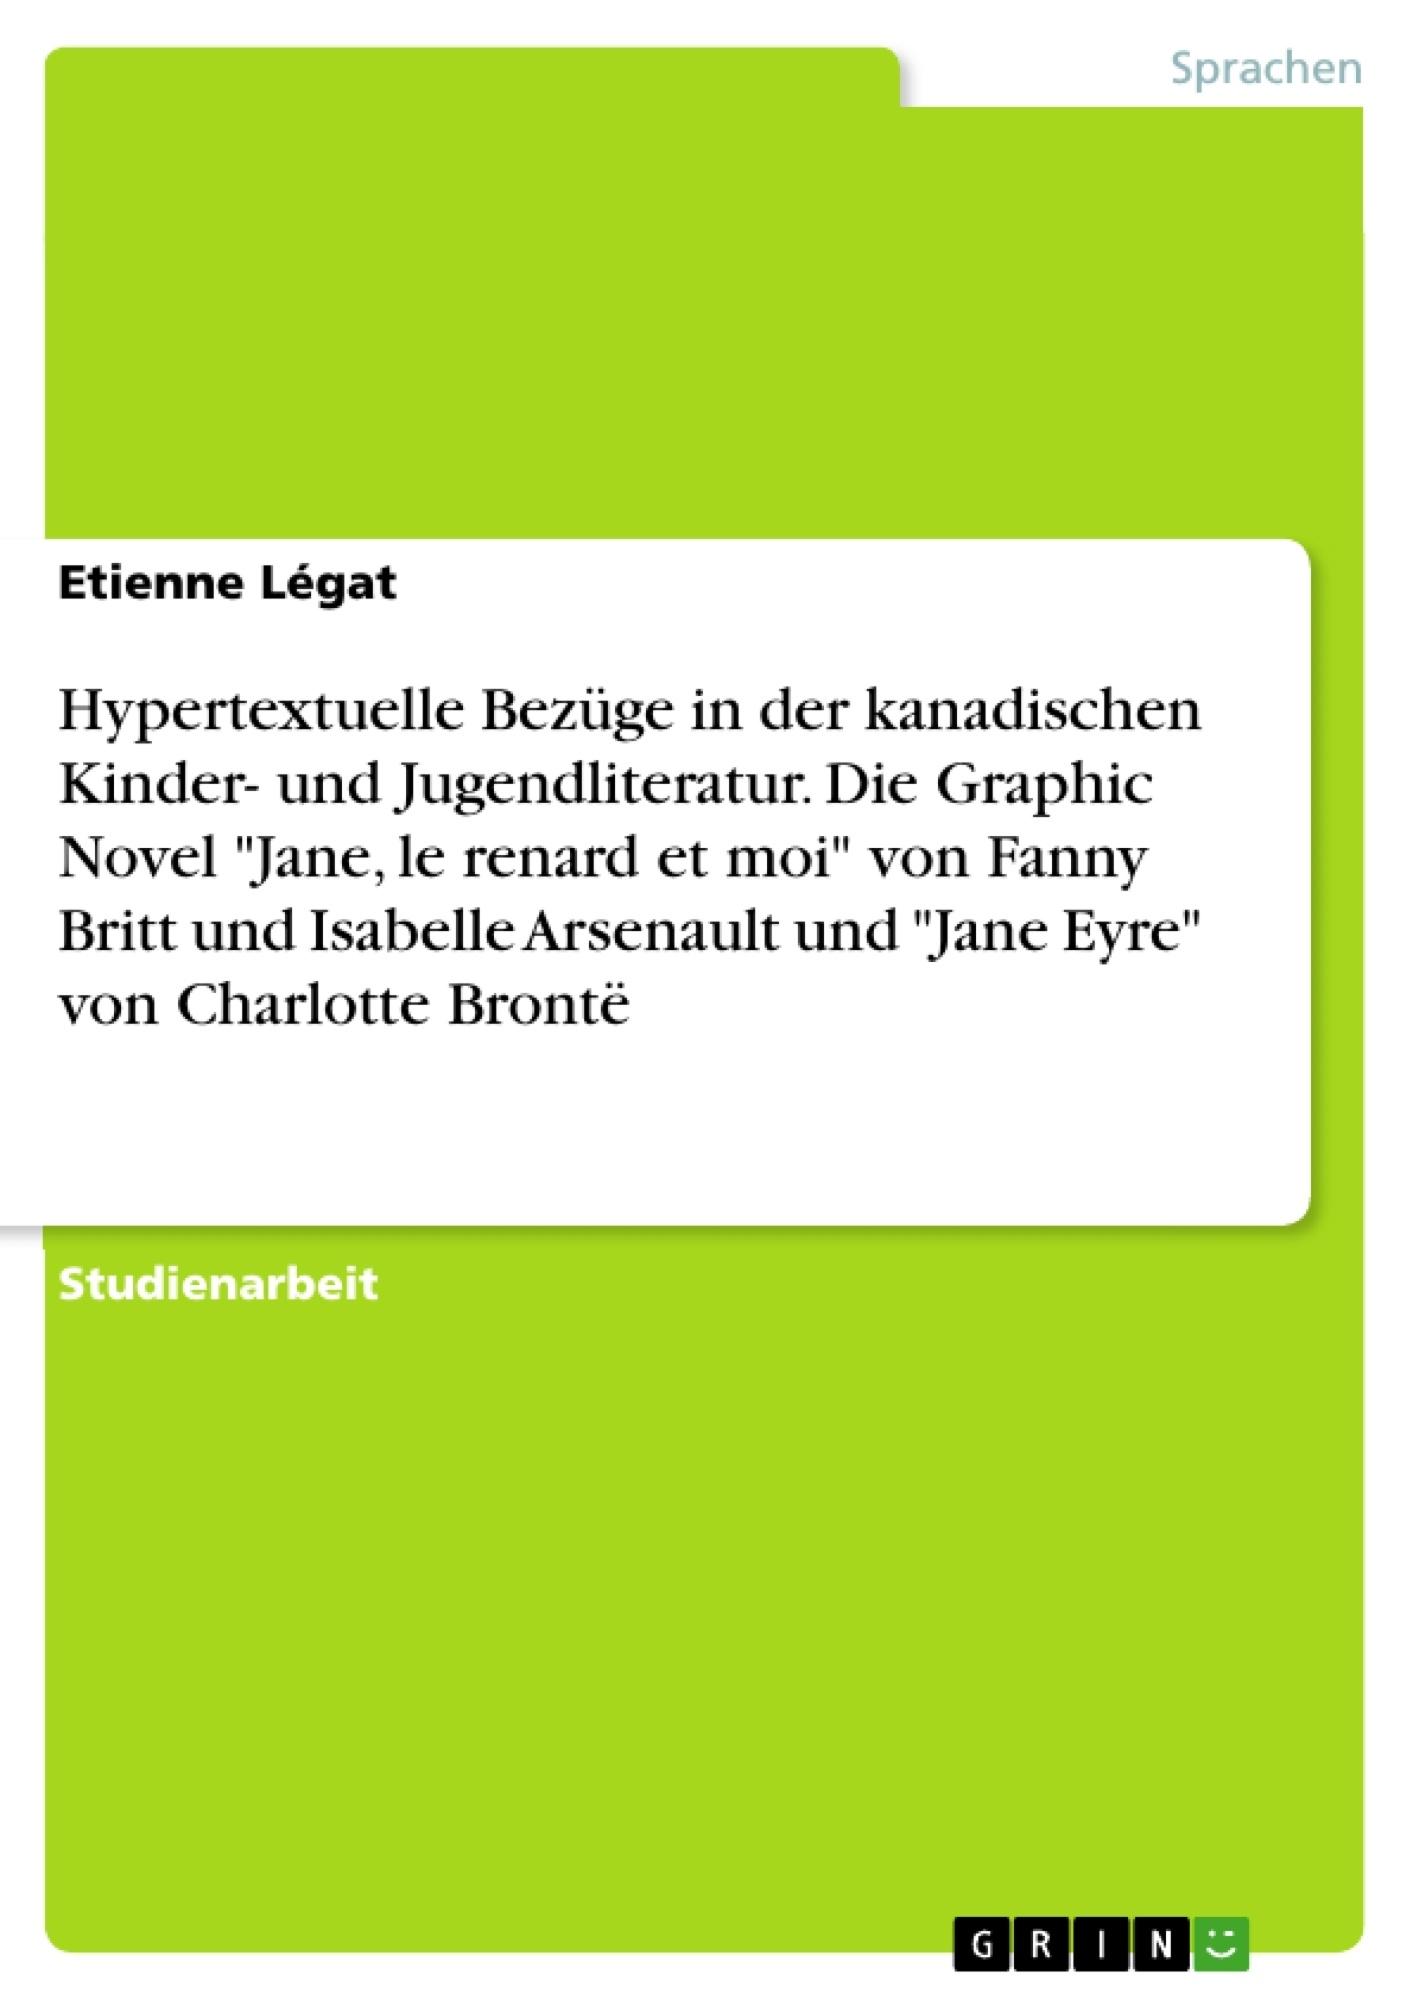 """Titel: Hypertextuelle Bezüge in der kanadischen Kinder- und Jugendliteratur. Die Graphic Novel """"Jane, le renard et moi"""" von Fanny Britt und Isabelle Arsenault und """"Jane Eyre"""" von Charlotte Brontë"""